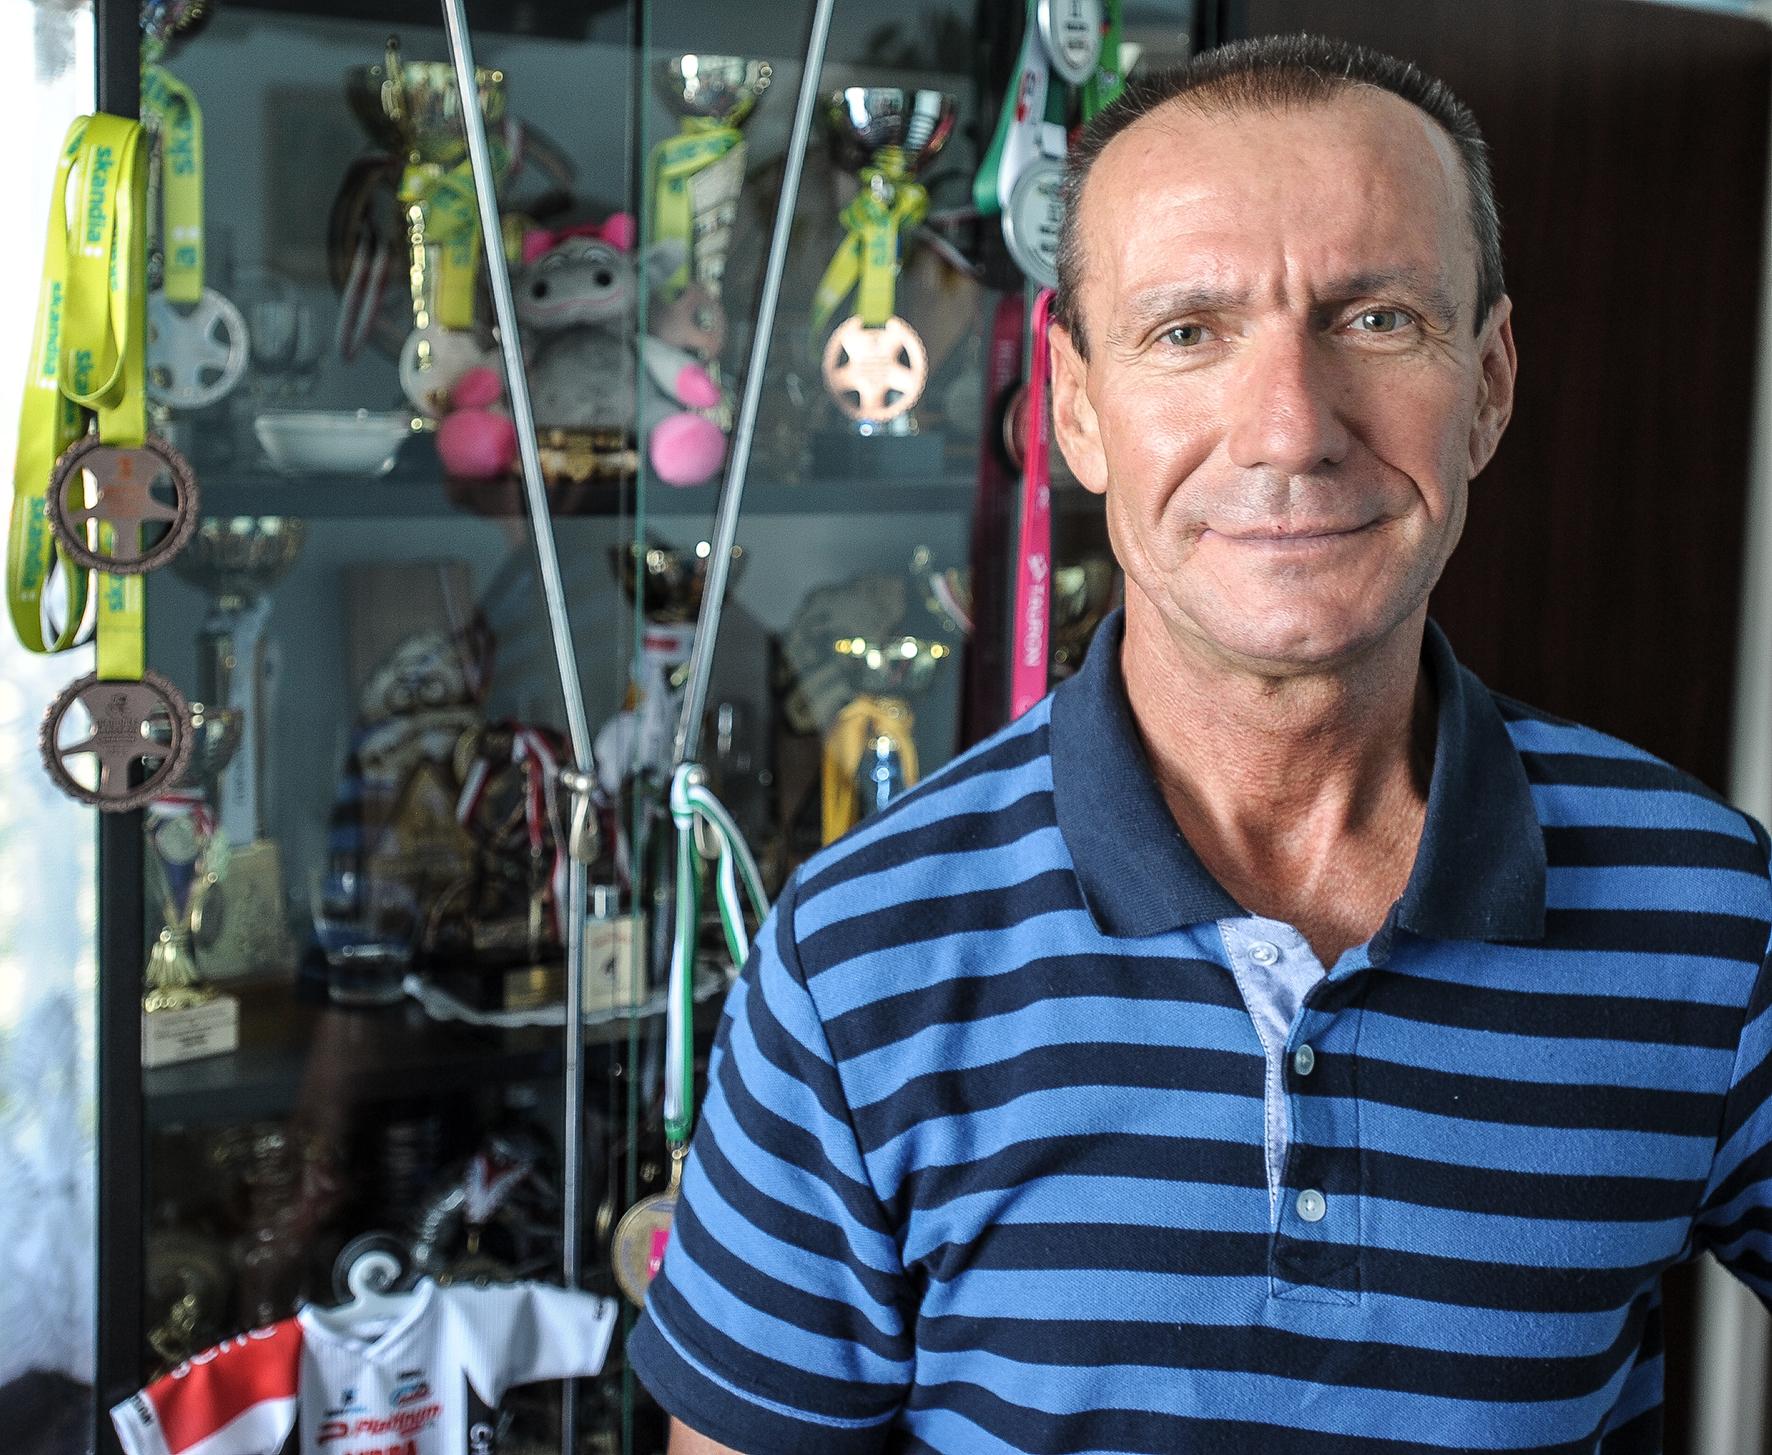 Kolarz rowerowy mistrz Ryszard Piechówka z Jaworzna